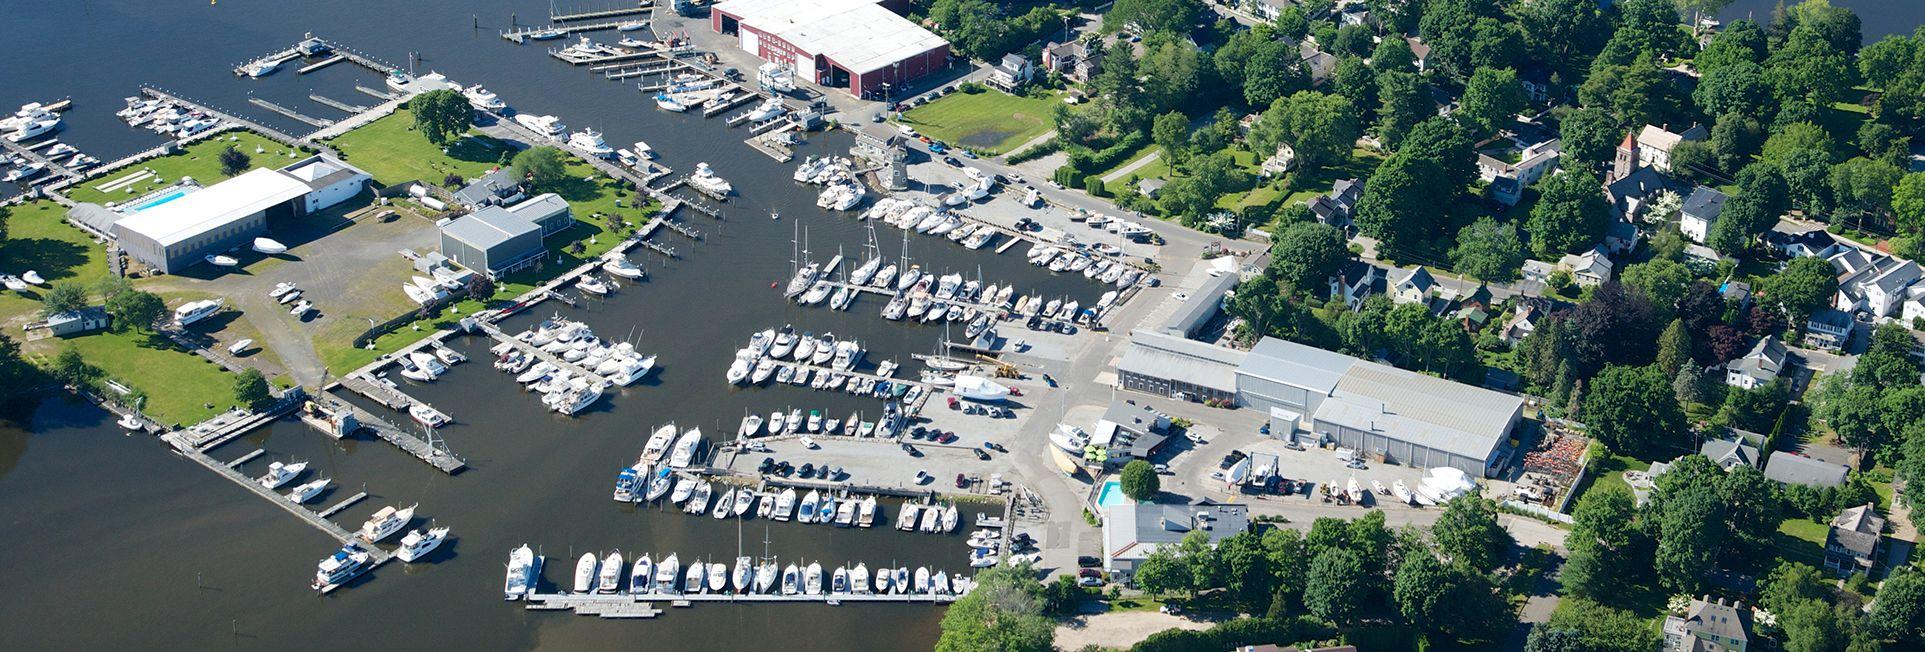 Brewer Dauntless Shipyard